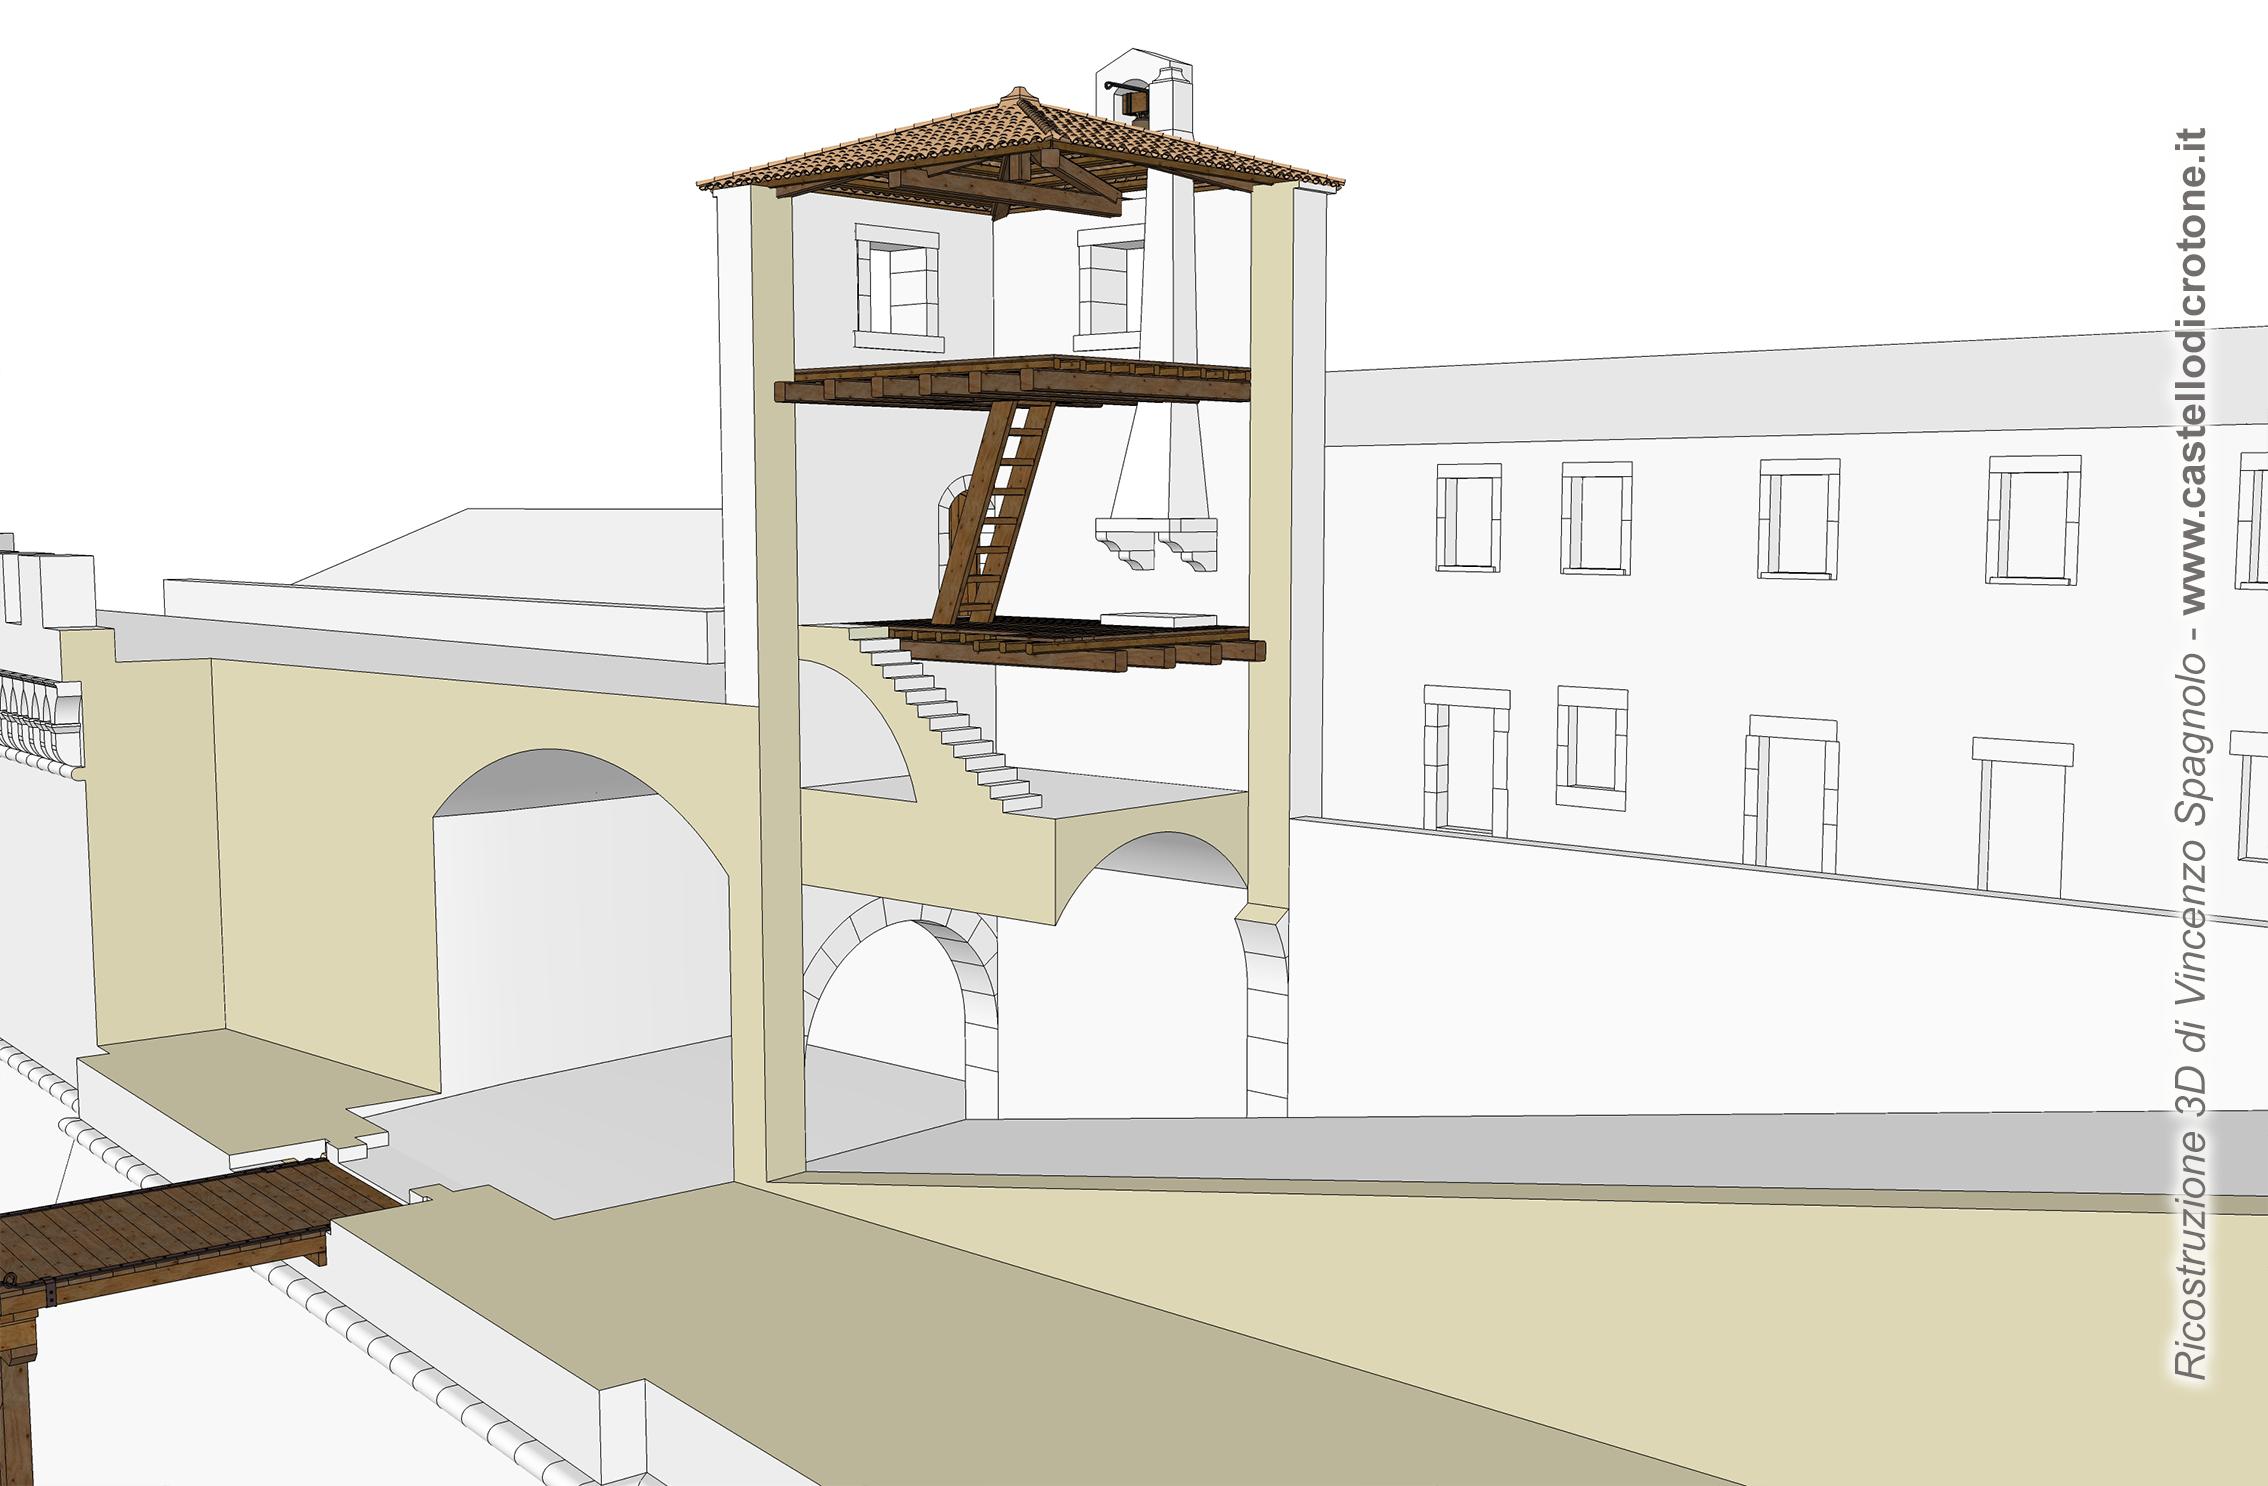 torre copro di guardia castello crotone enzo spagnolo